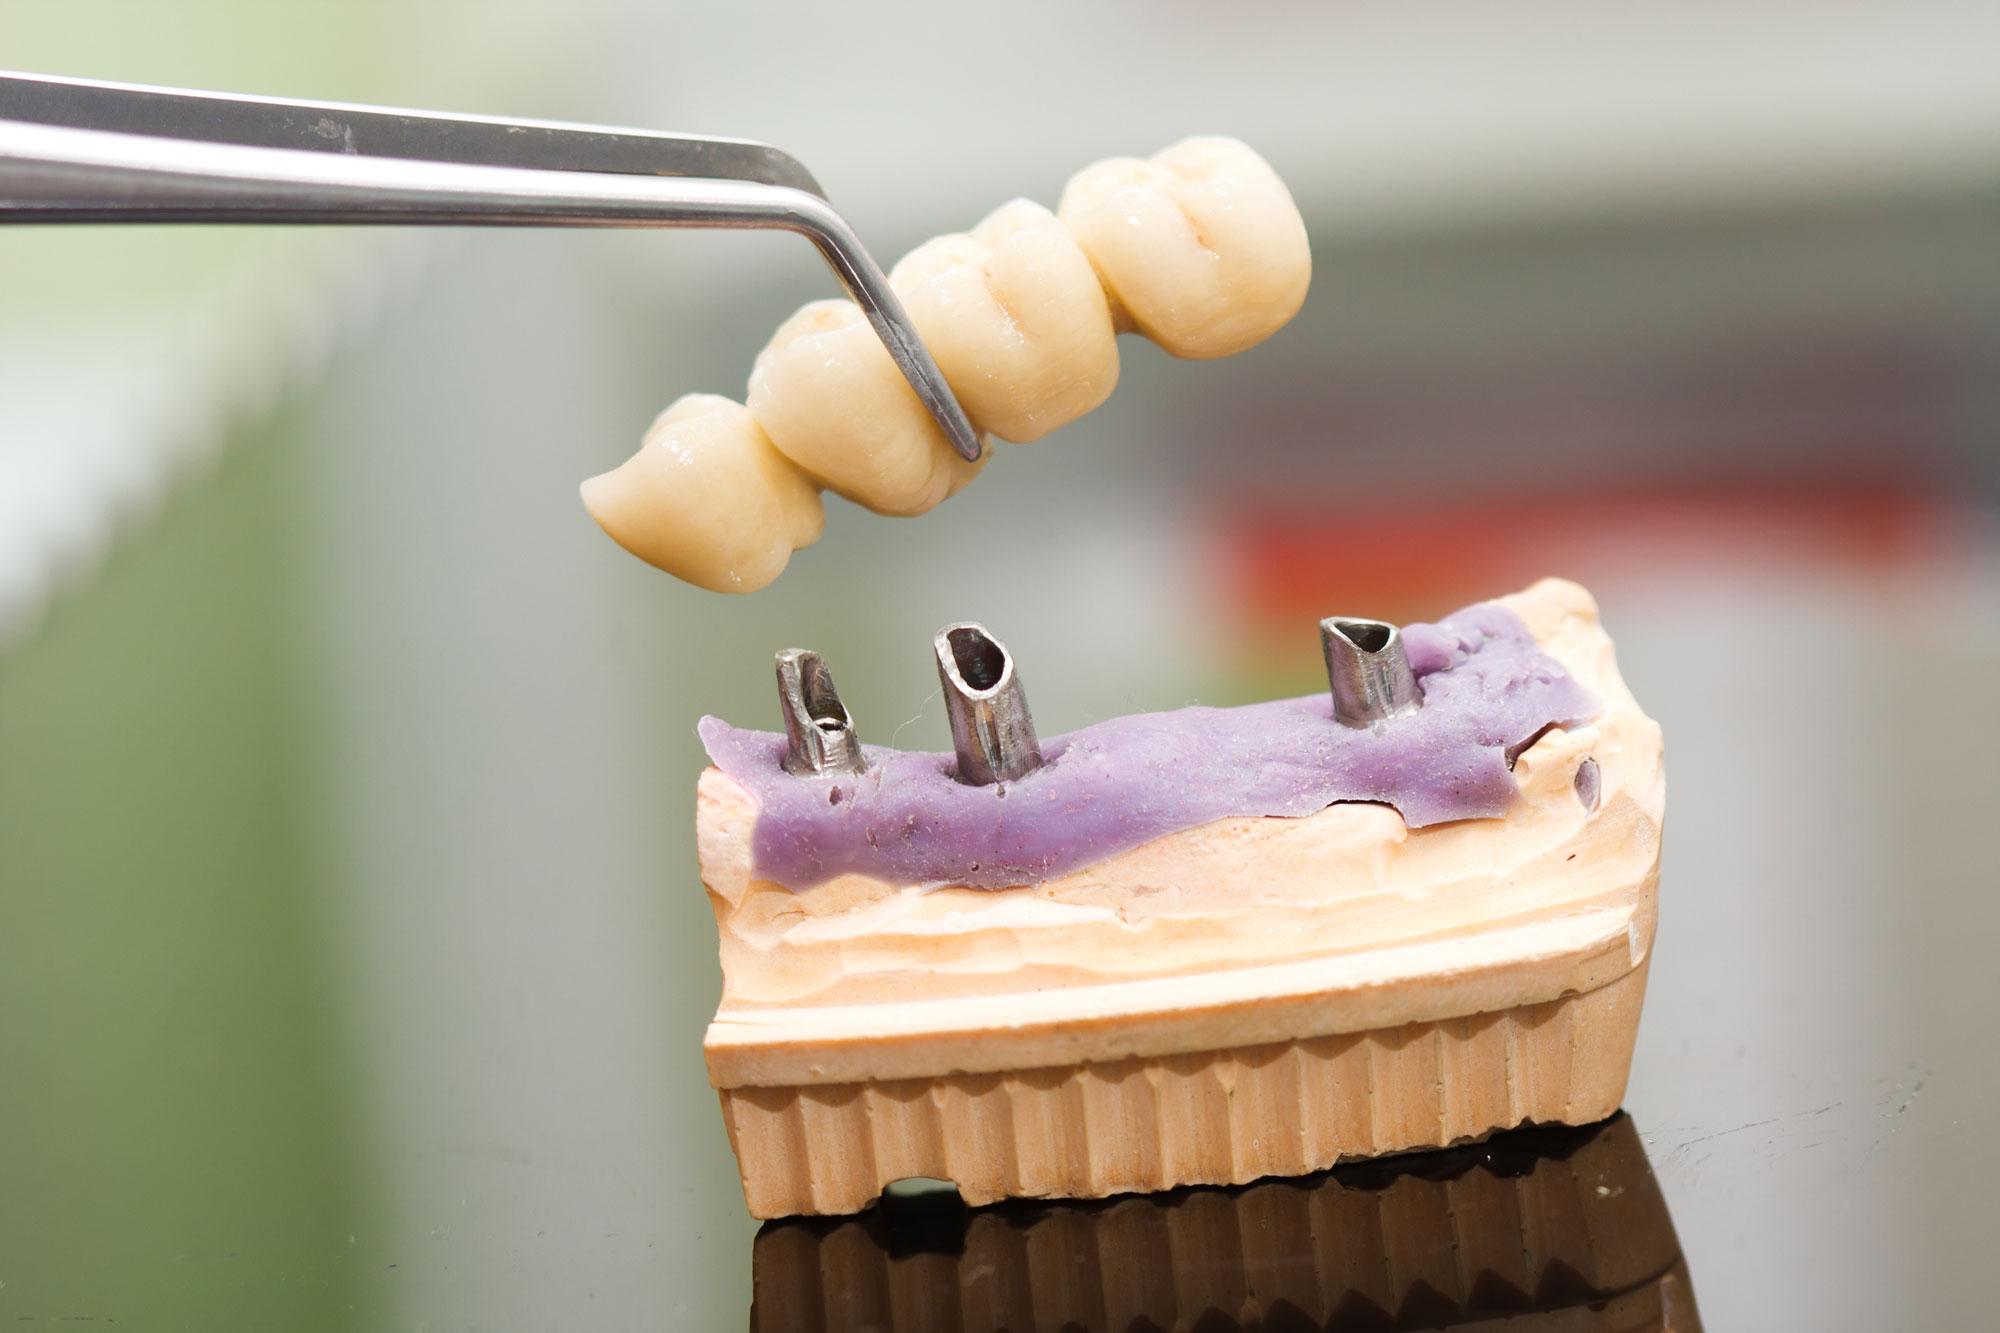 Implantierter Zahnersatz bei Zahnmangel an der Ende der Reihe.